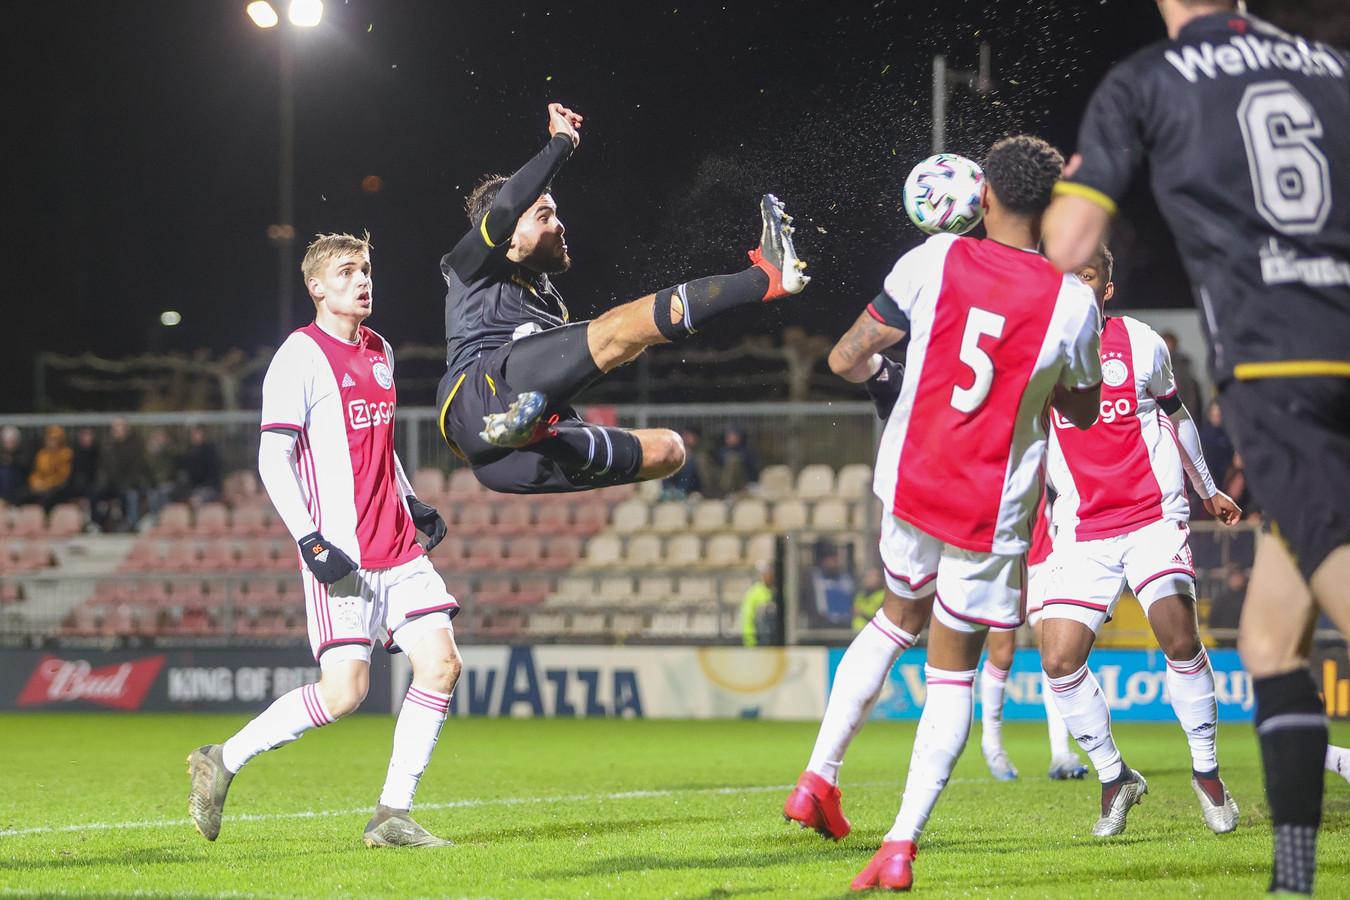 Mounir El Alouchi hangt spectaculair in de lucht voor de gelijkmaker.